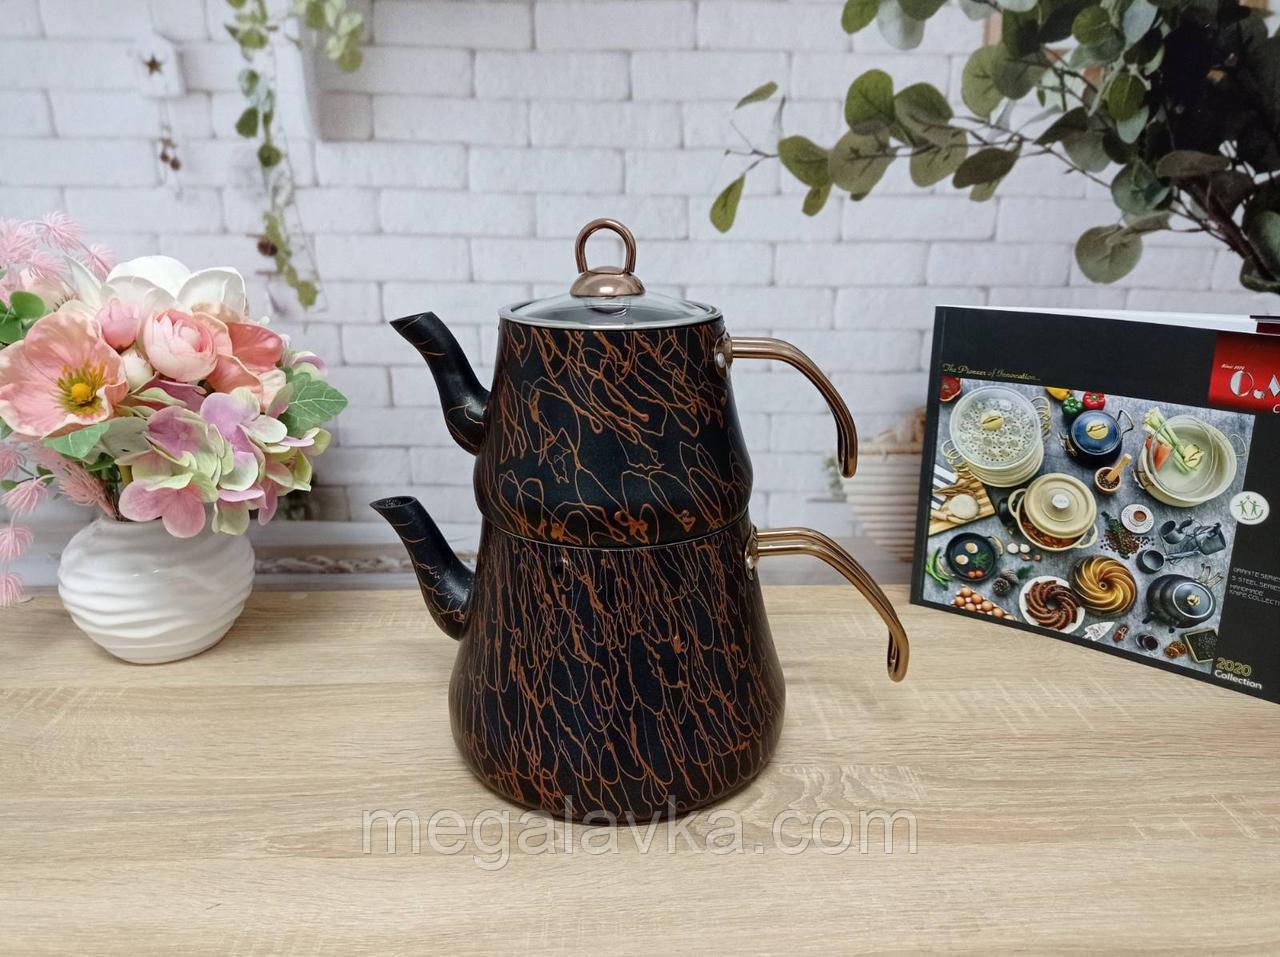 Чайник подвійний 1,2 / 2,5 л з антипригарним покриттям чорний / бронза (Туреччина) OMS 8204-L-Bronze